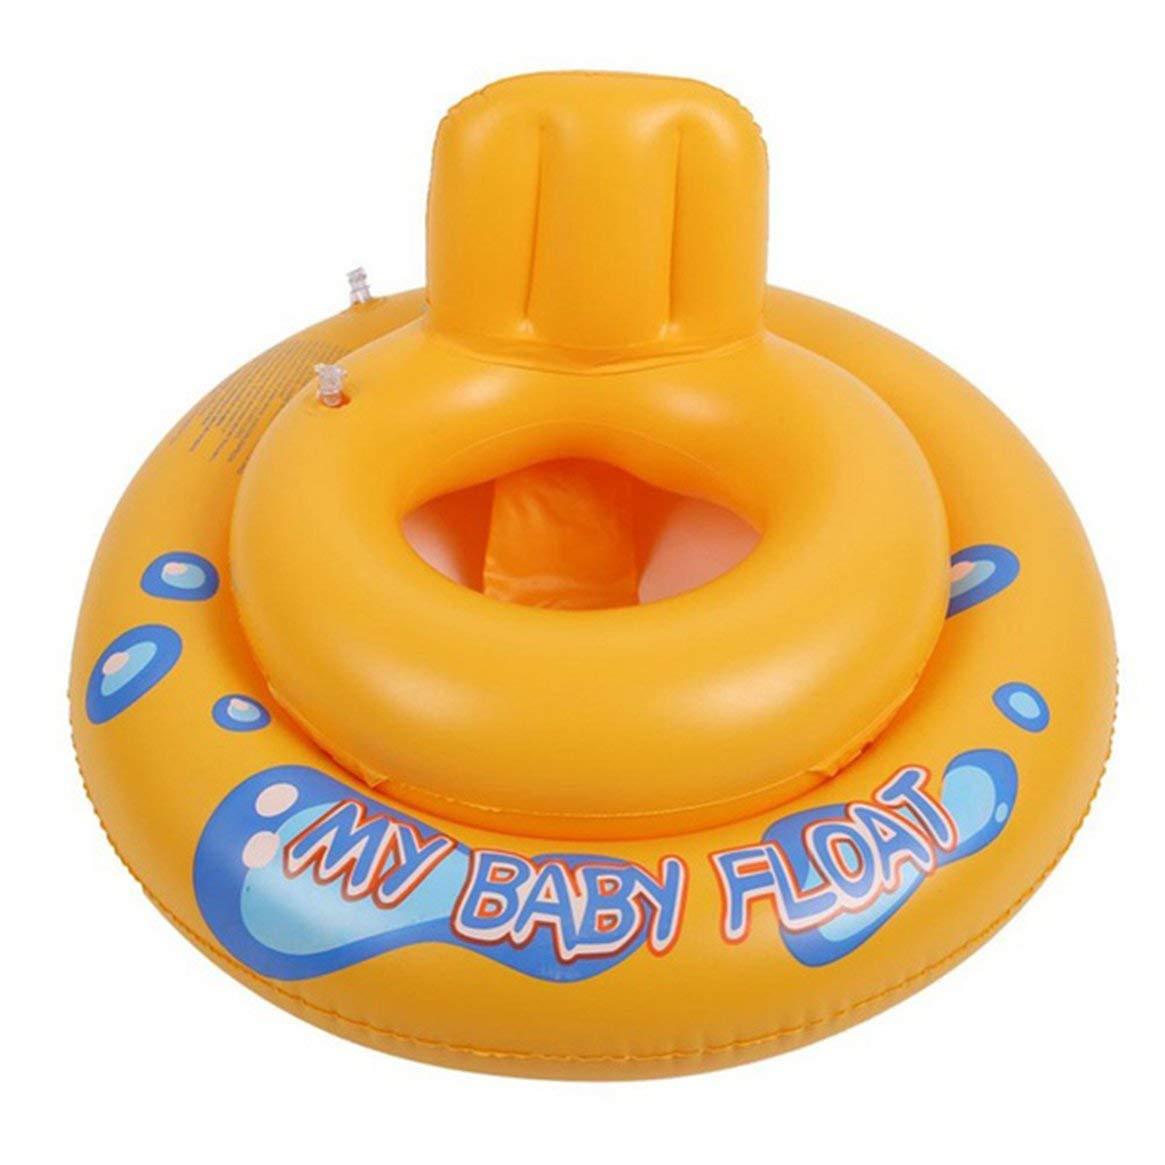 Delicacydex Dibujos Animados Bebé Flotador Espesar PVC Inflable Círculo Cámara de Aire Doble Asiento de la Piscina Flotador Barco Juguete acuático Seguridad ...